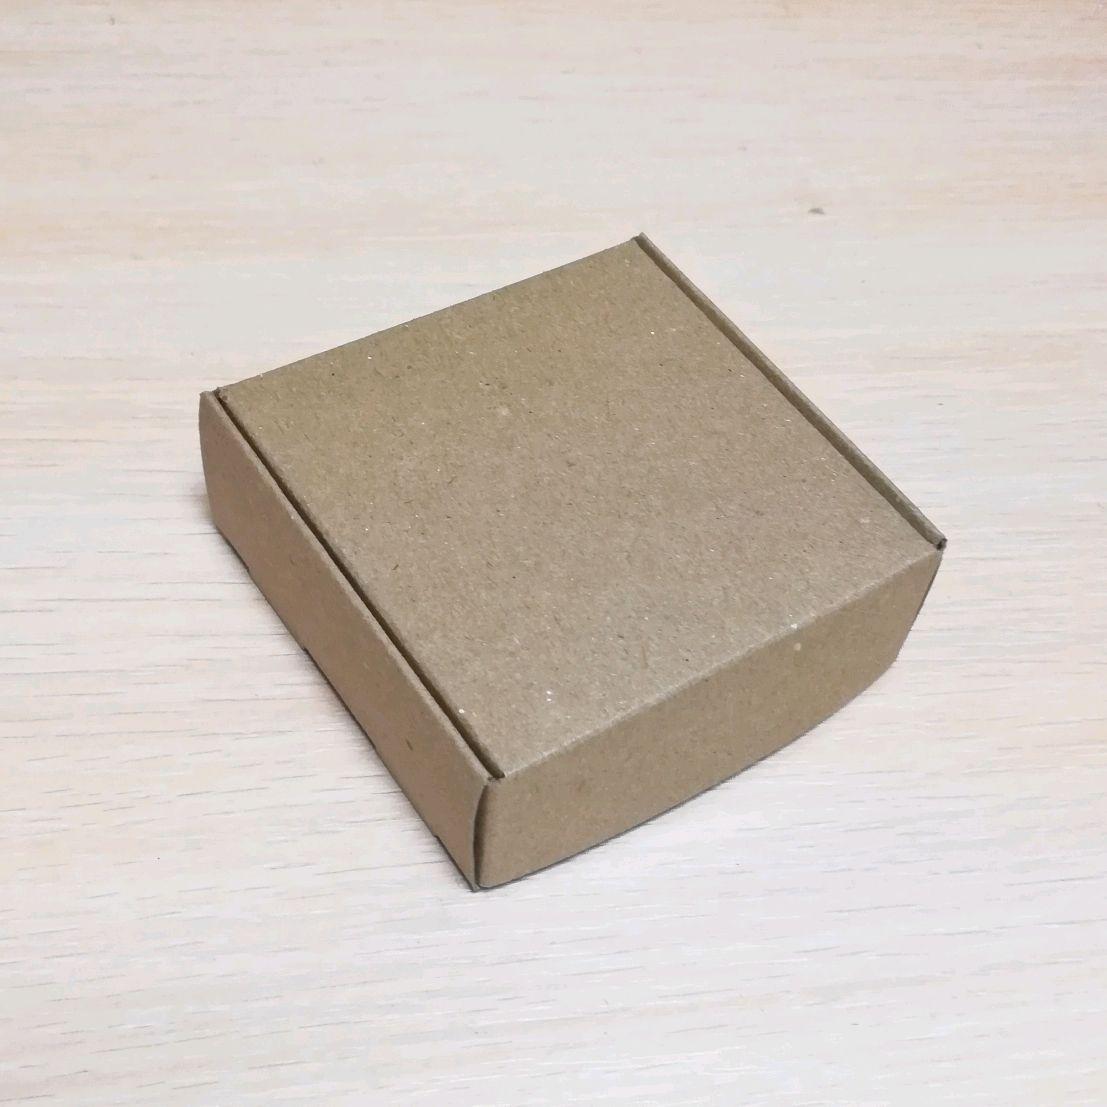 Коробка 9х9х3,5 крафт из картона с крышкой, Коробки, Архангельск,  Фото №1